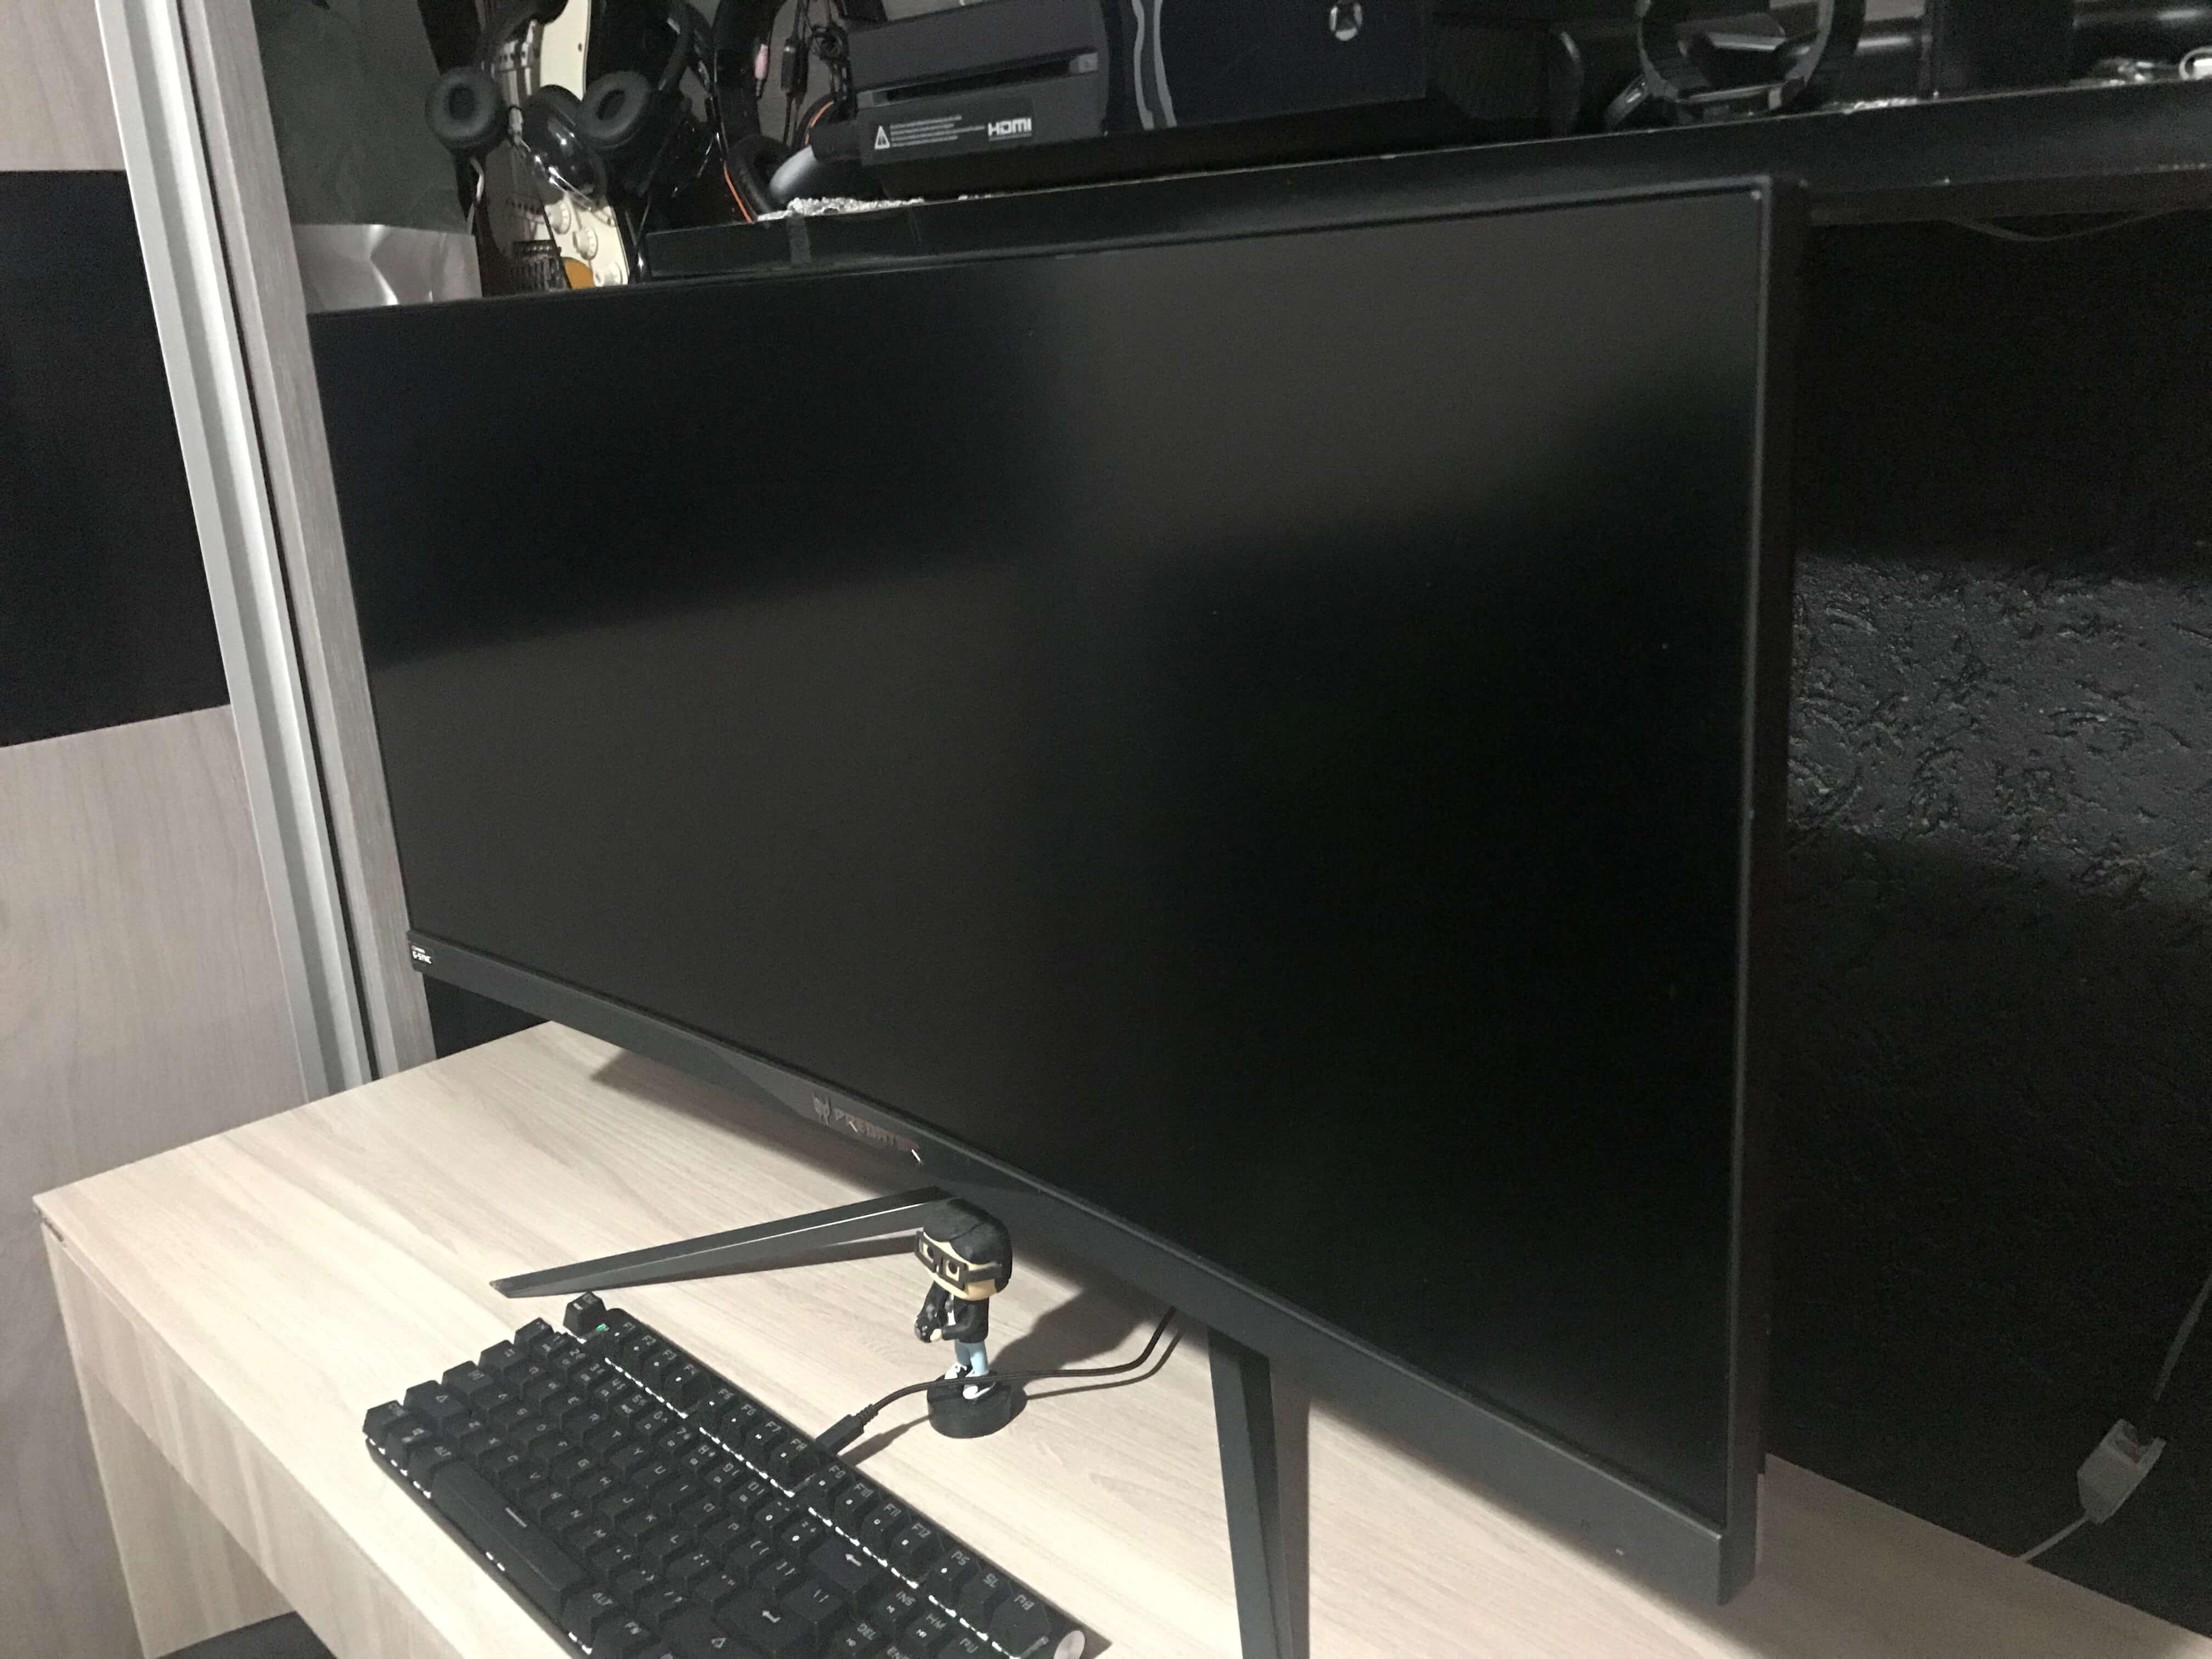 Acer Predator X34 - Showmetech